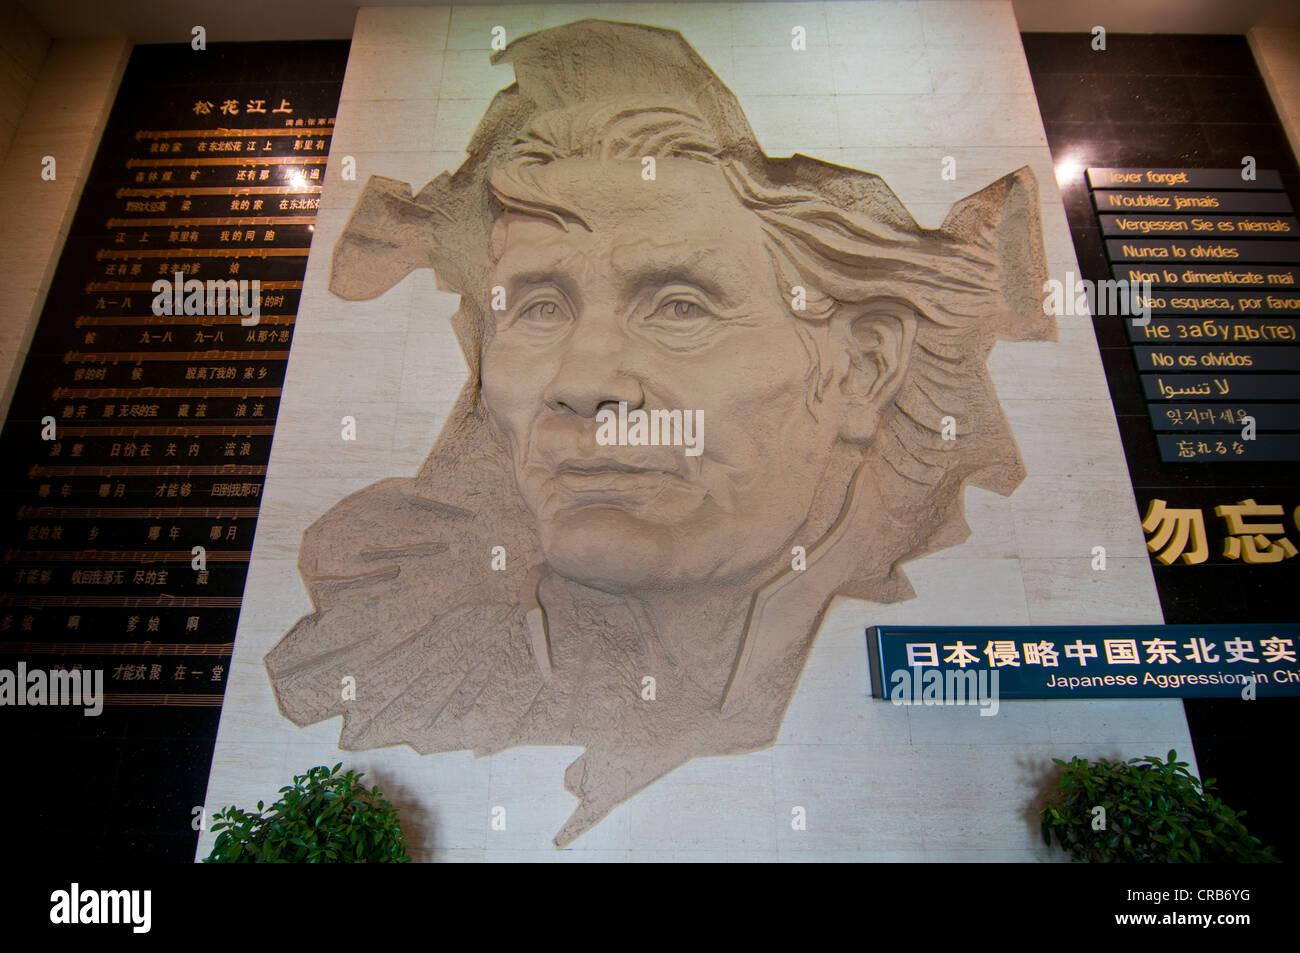 Presentano, il Museo del Palazzo Imperiale di Stato mancesi, Changchun, Jilin, Cina Immagini Stock